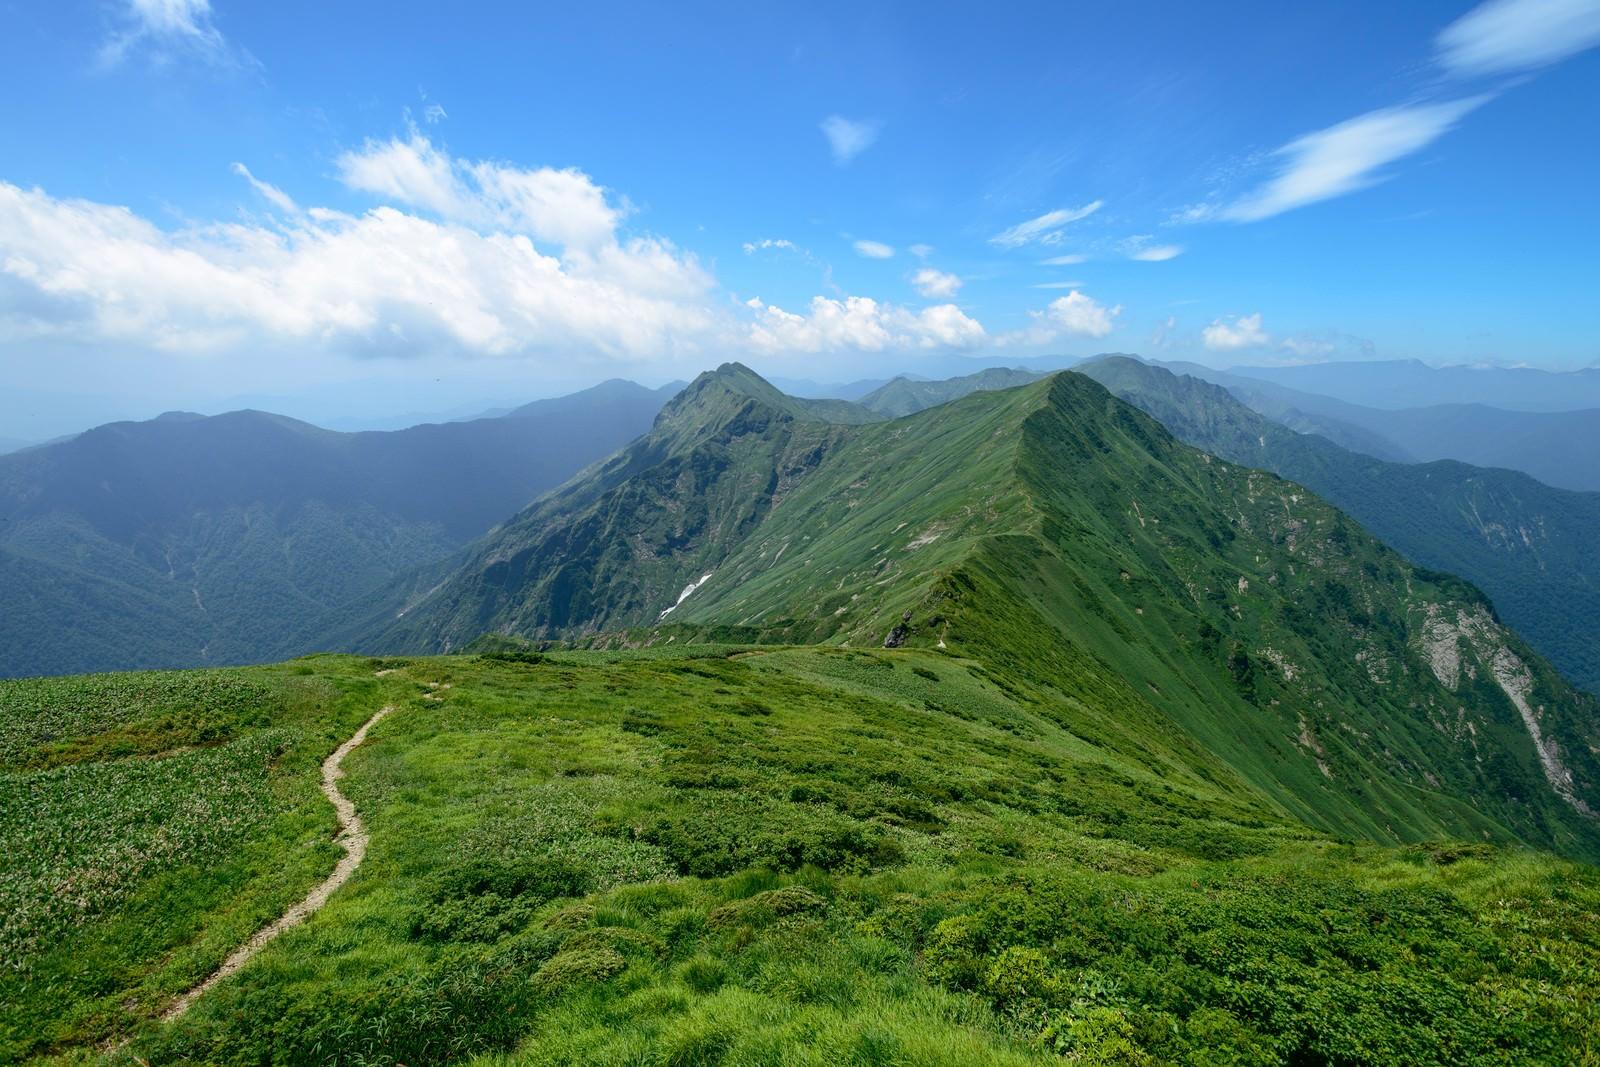 「谷川岳にある川棚の頭と万太郎山の景色 | 写真の無料素材・フリー素材 - ぱくたそ」の写真